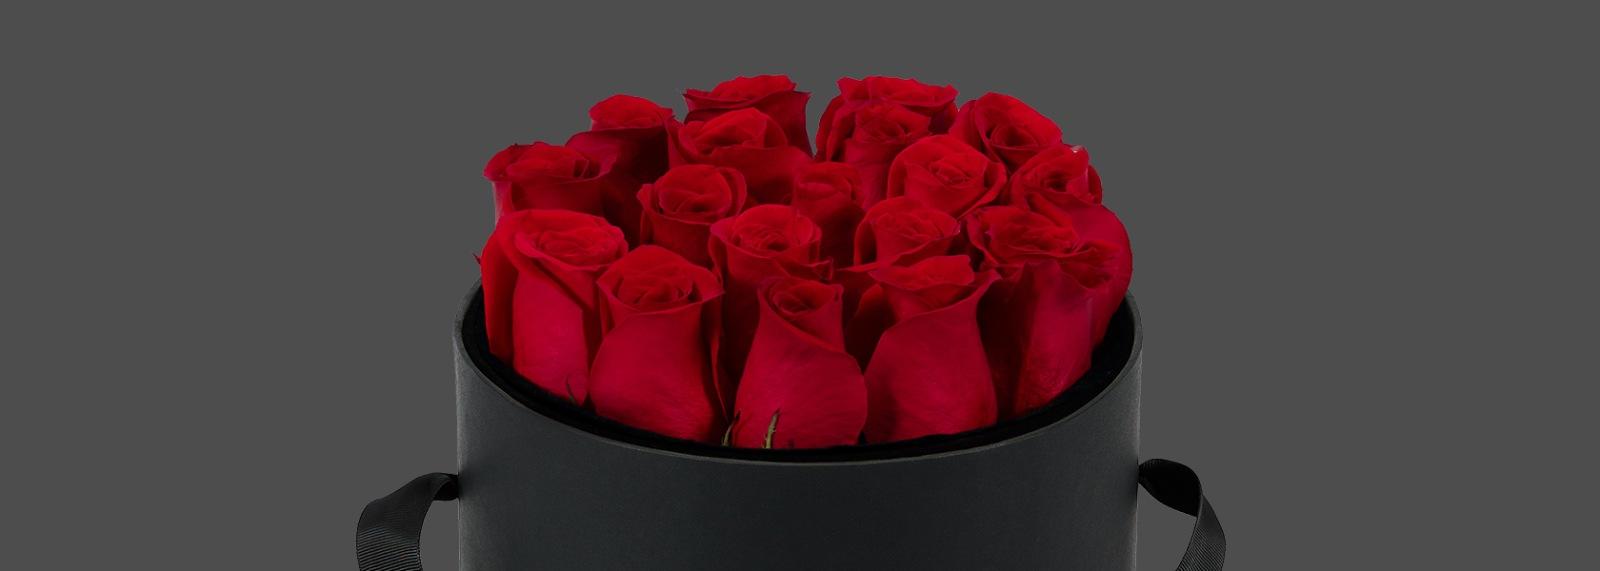 Valentine's Day Fresh Roses